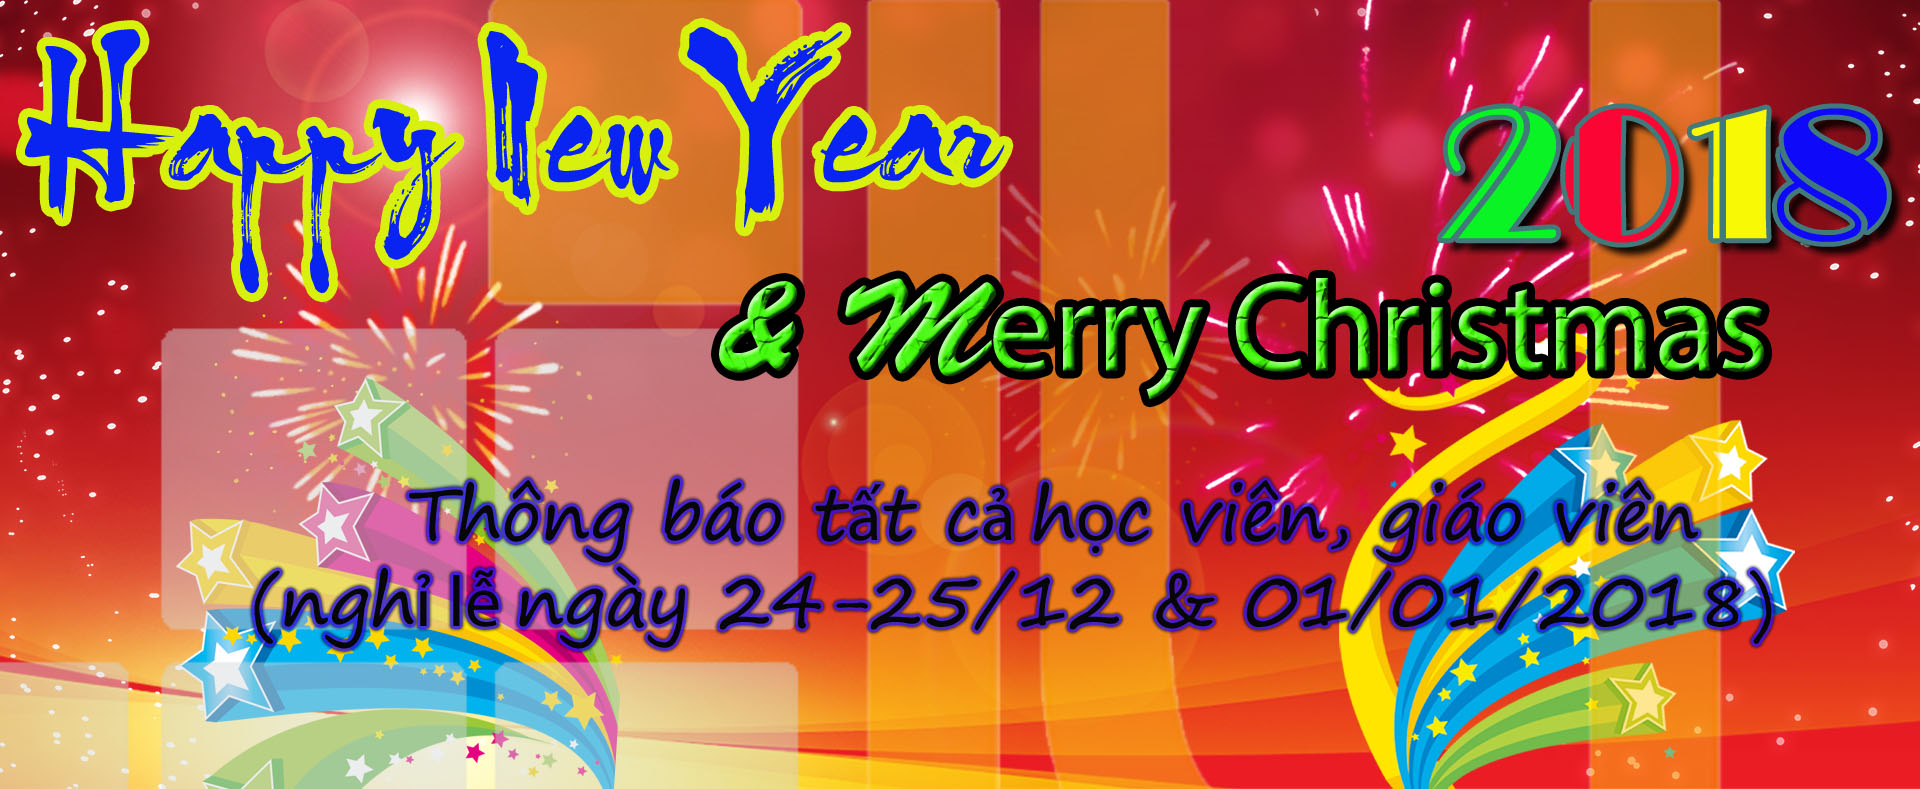 Thông báo lịch nghỉ Noel, Tết Dương Lịch, Âm Lịch năm 2018